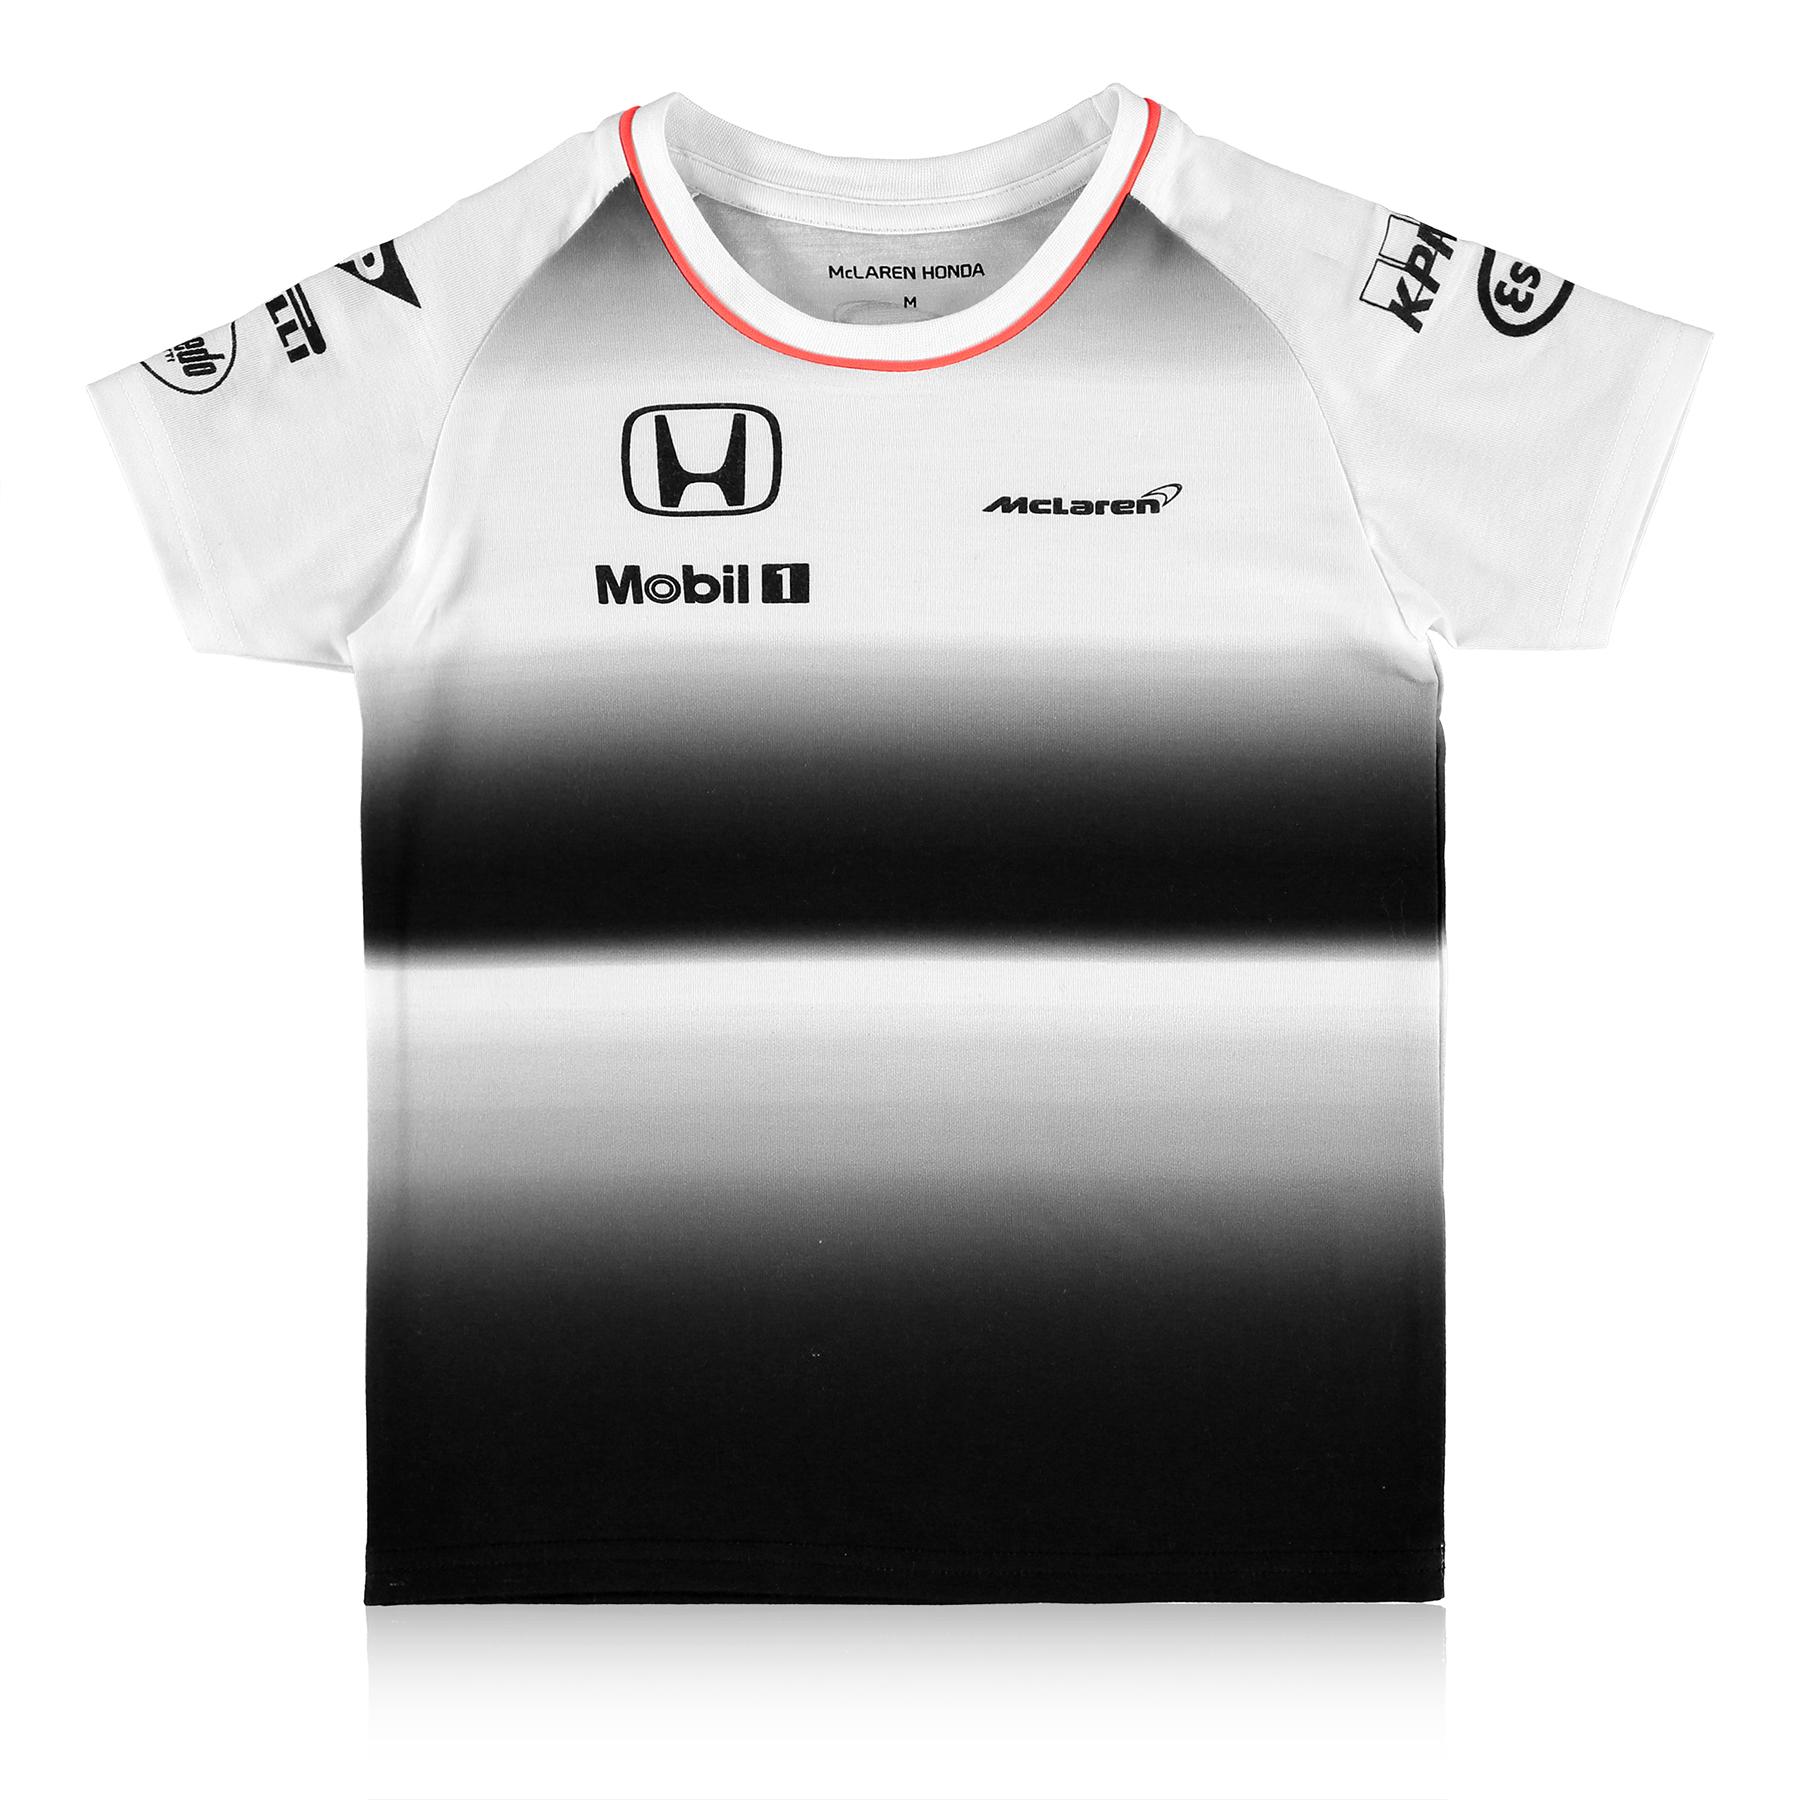 McLaren Honda Official 2016 Team T-Shirt - Baby